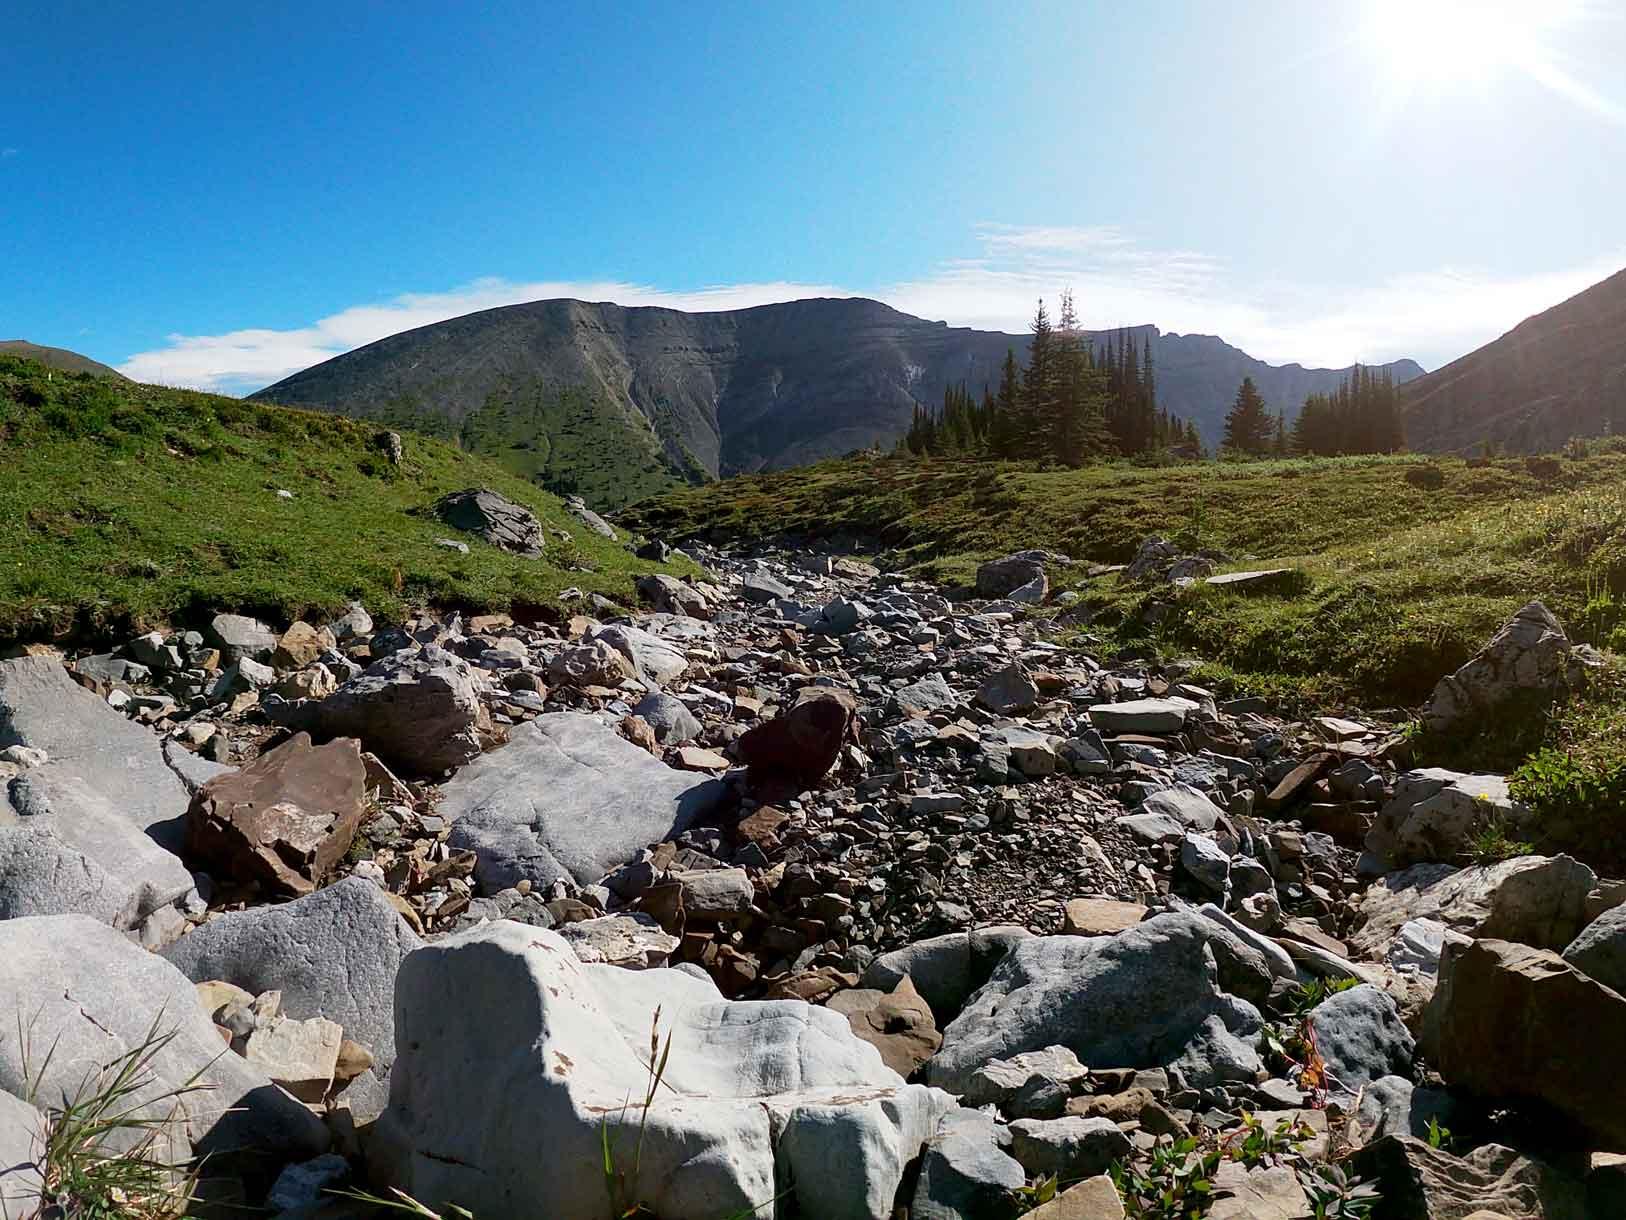 White Mountain Adventures Heli Hike scenery